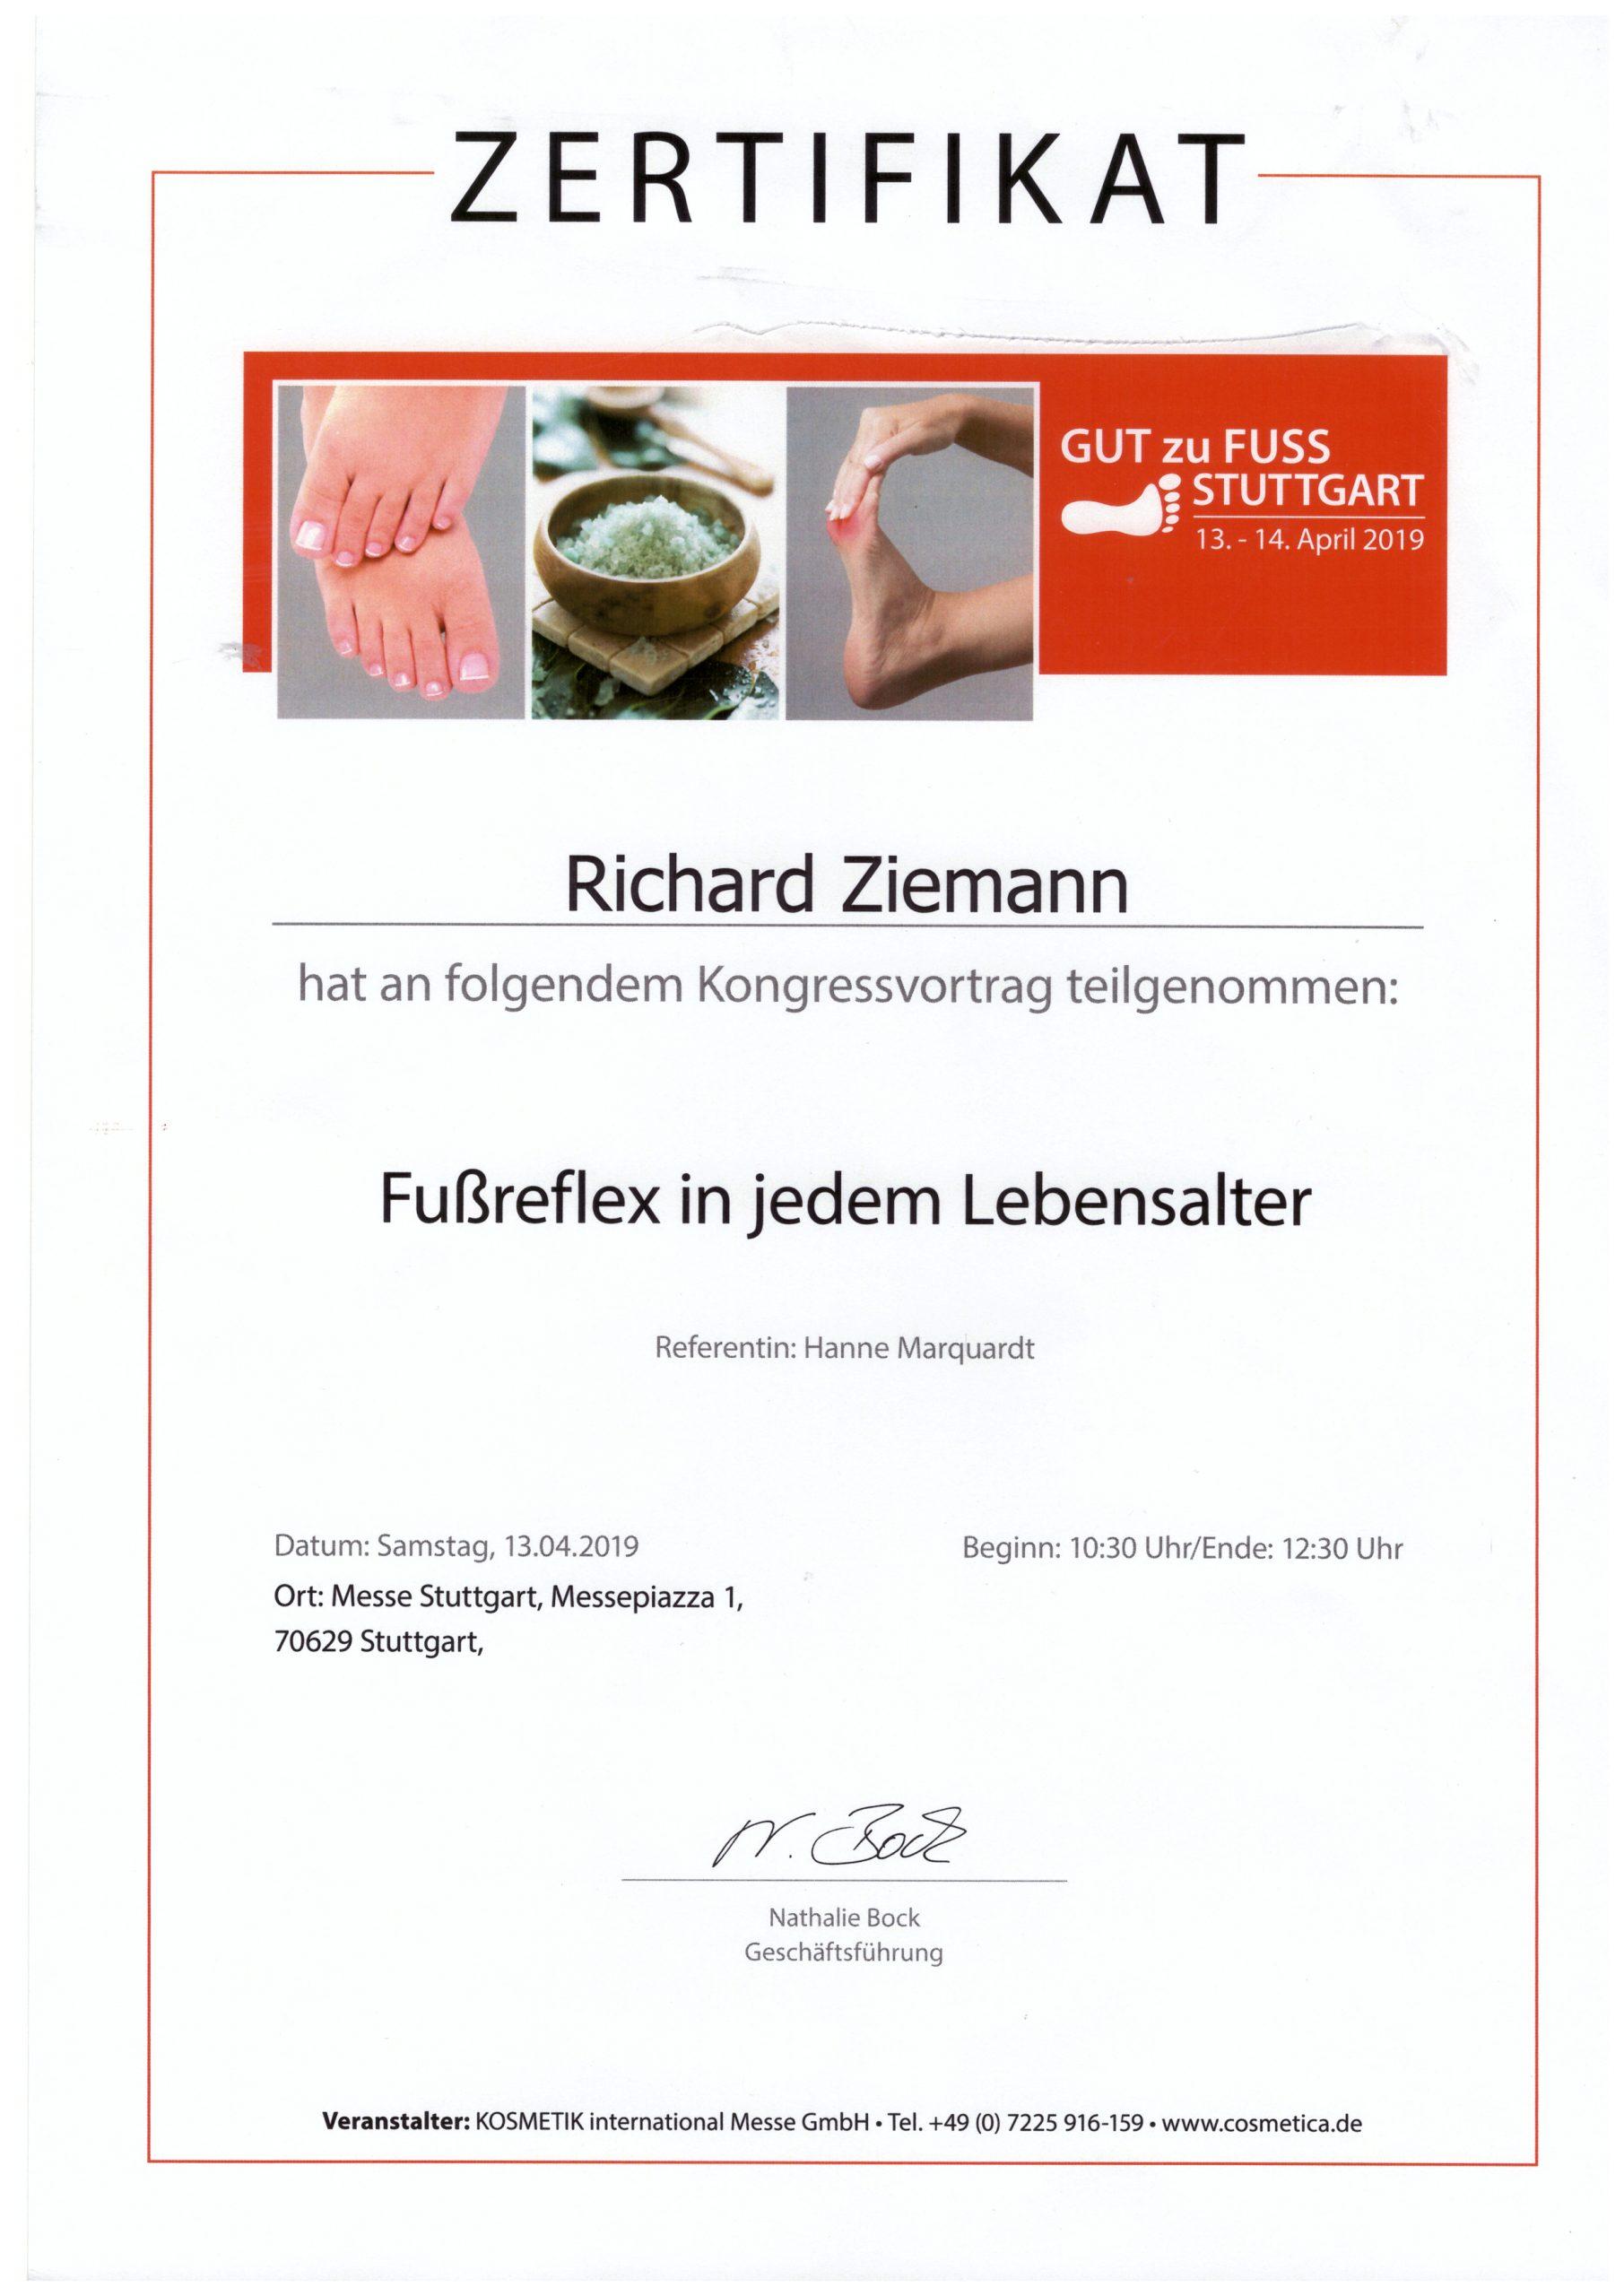 Richard Ziemann - Zertifikat Fußreflex in jedem Alter